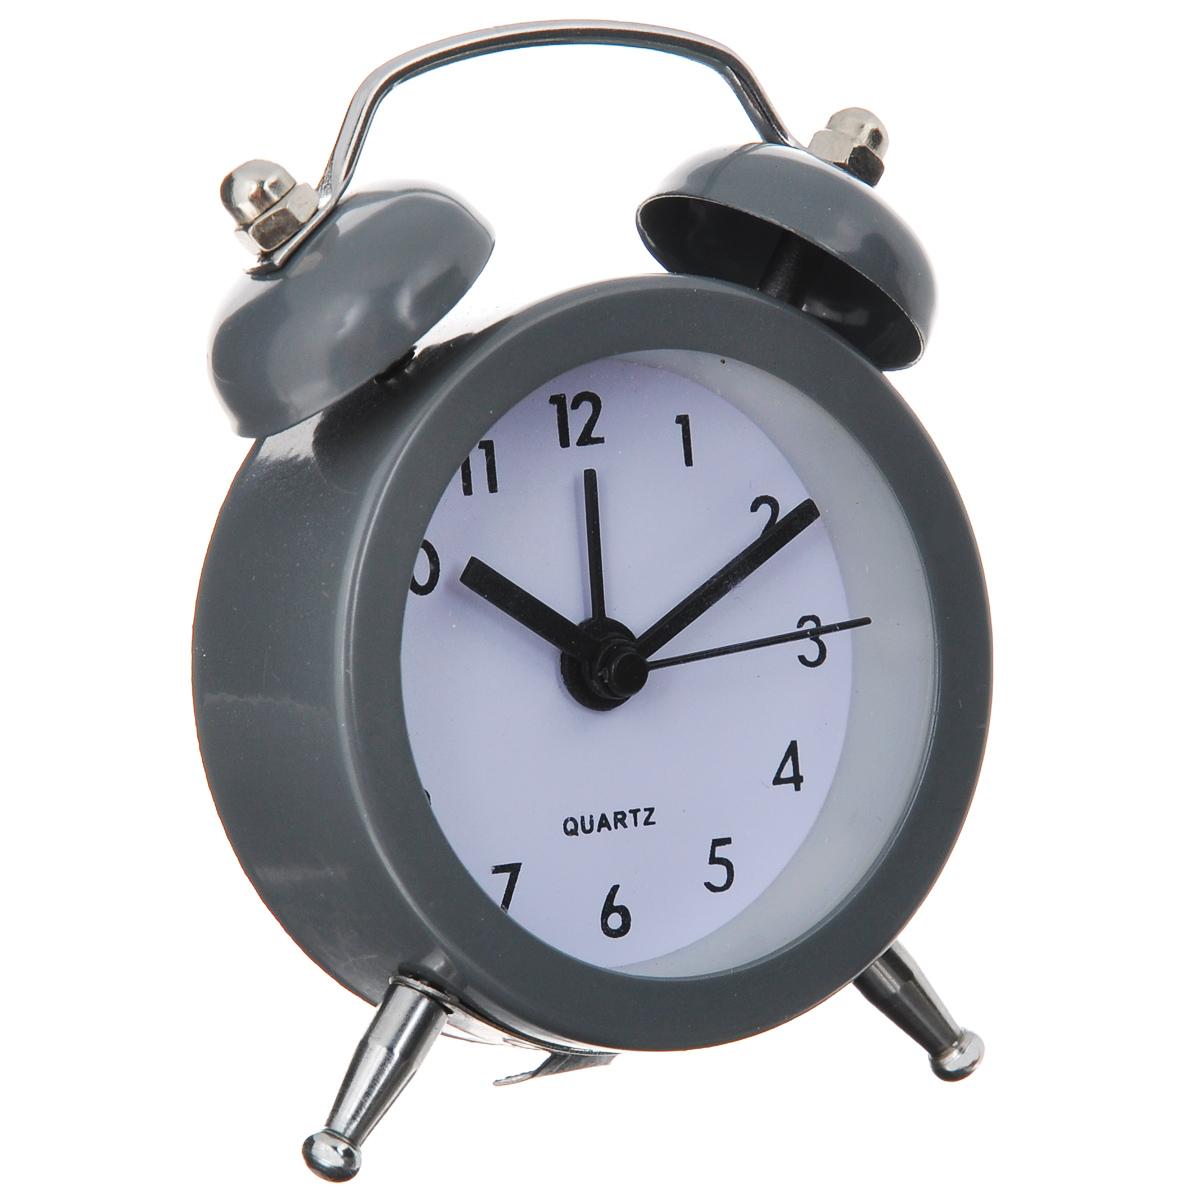 Часы-будильник Sima-land, цвет: серый. 720791MRC 4119 P schwarzКак же сложно иногда вставать вовремя! Всегда так хочется поспать еще хотя бы 5 минут и бывает, что мы просыпаем. Теперь этого не случится! Яркий, оригинальный будильник Sima-land поможет вам всегда вставать в нужное время и успевать везде и всюду. Будильник украсит вашу комнату и приведет в восхищение друзей. Эта уменьшенная версия привычного будильника умещается на ладони и работает так же громко, как и привычные аналоги. Время показывает точно и будит в установленный час.На задней панели будильника расположены переключатель включения/выключения механизма, а также два колесика для настройки текущего времени и времени звонка будильника.Будильник работает от 1 батарейки типа LR44 (входит в комплект).